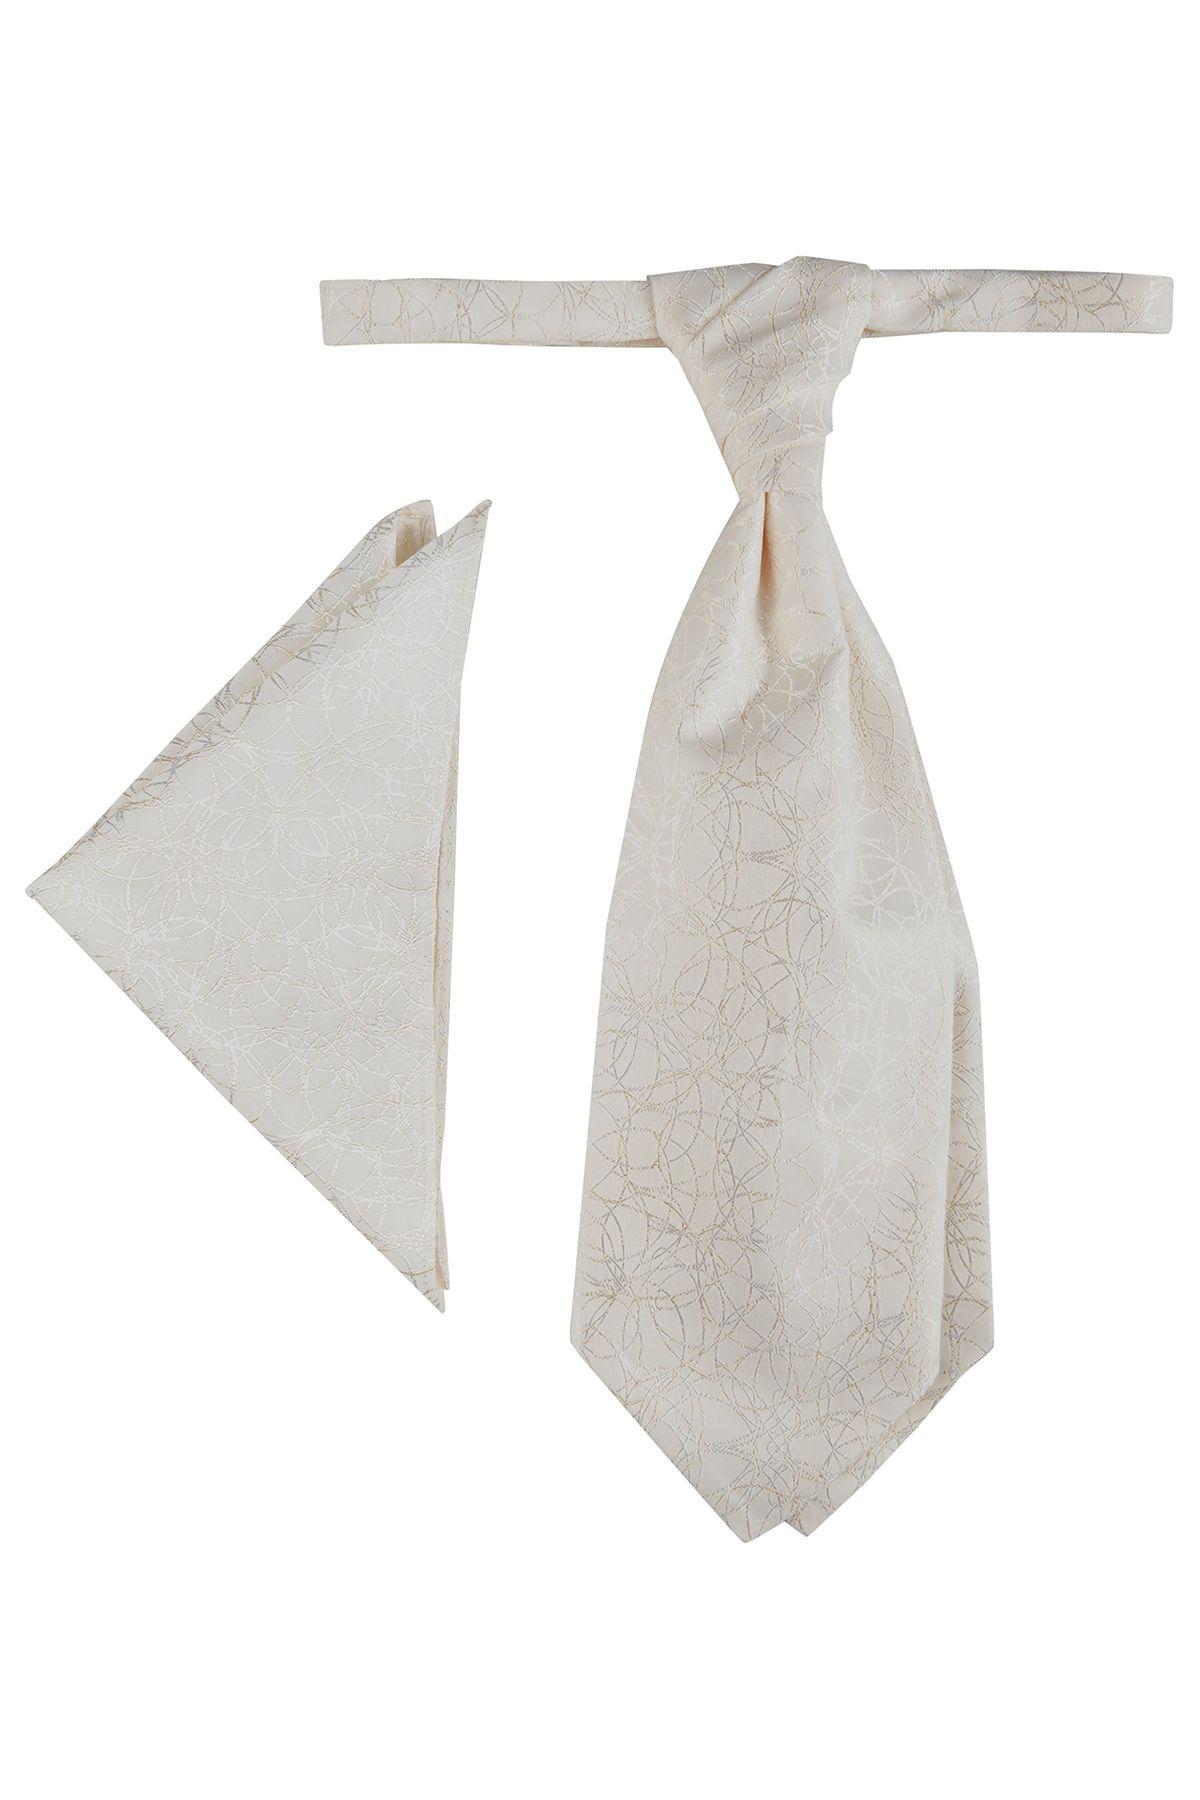 Wilvorst - Festliches Krawattenplastron/Tuch in creme (417203/81 Modell 0612) – Bild 1